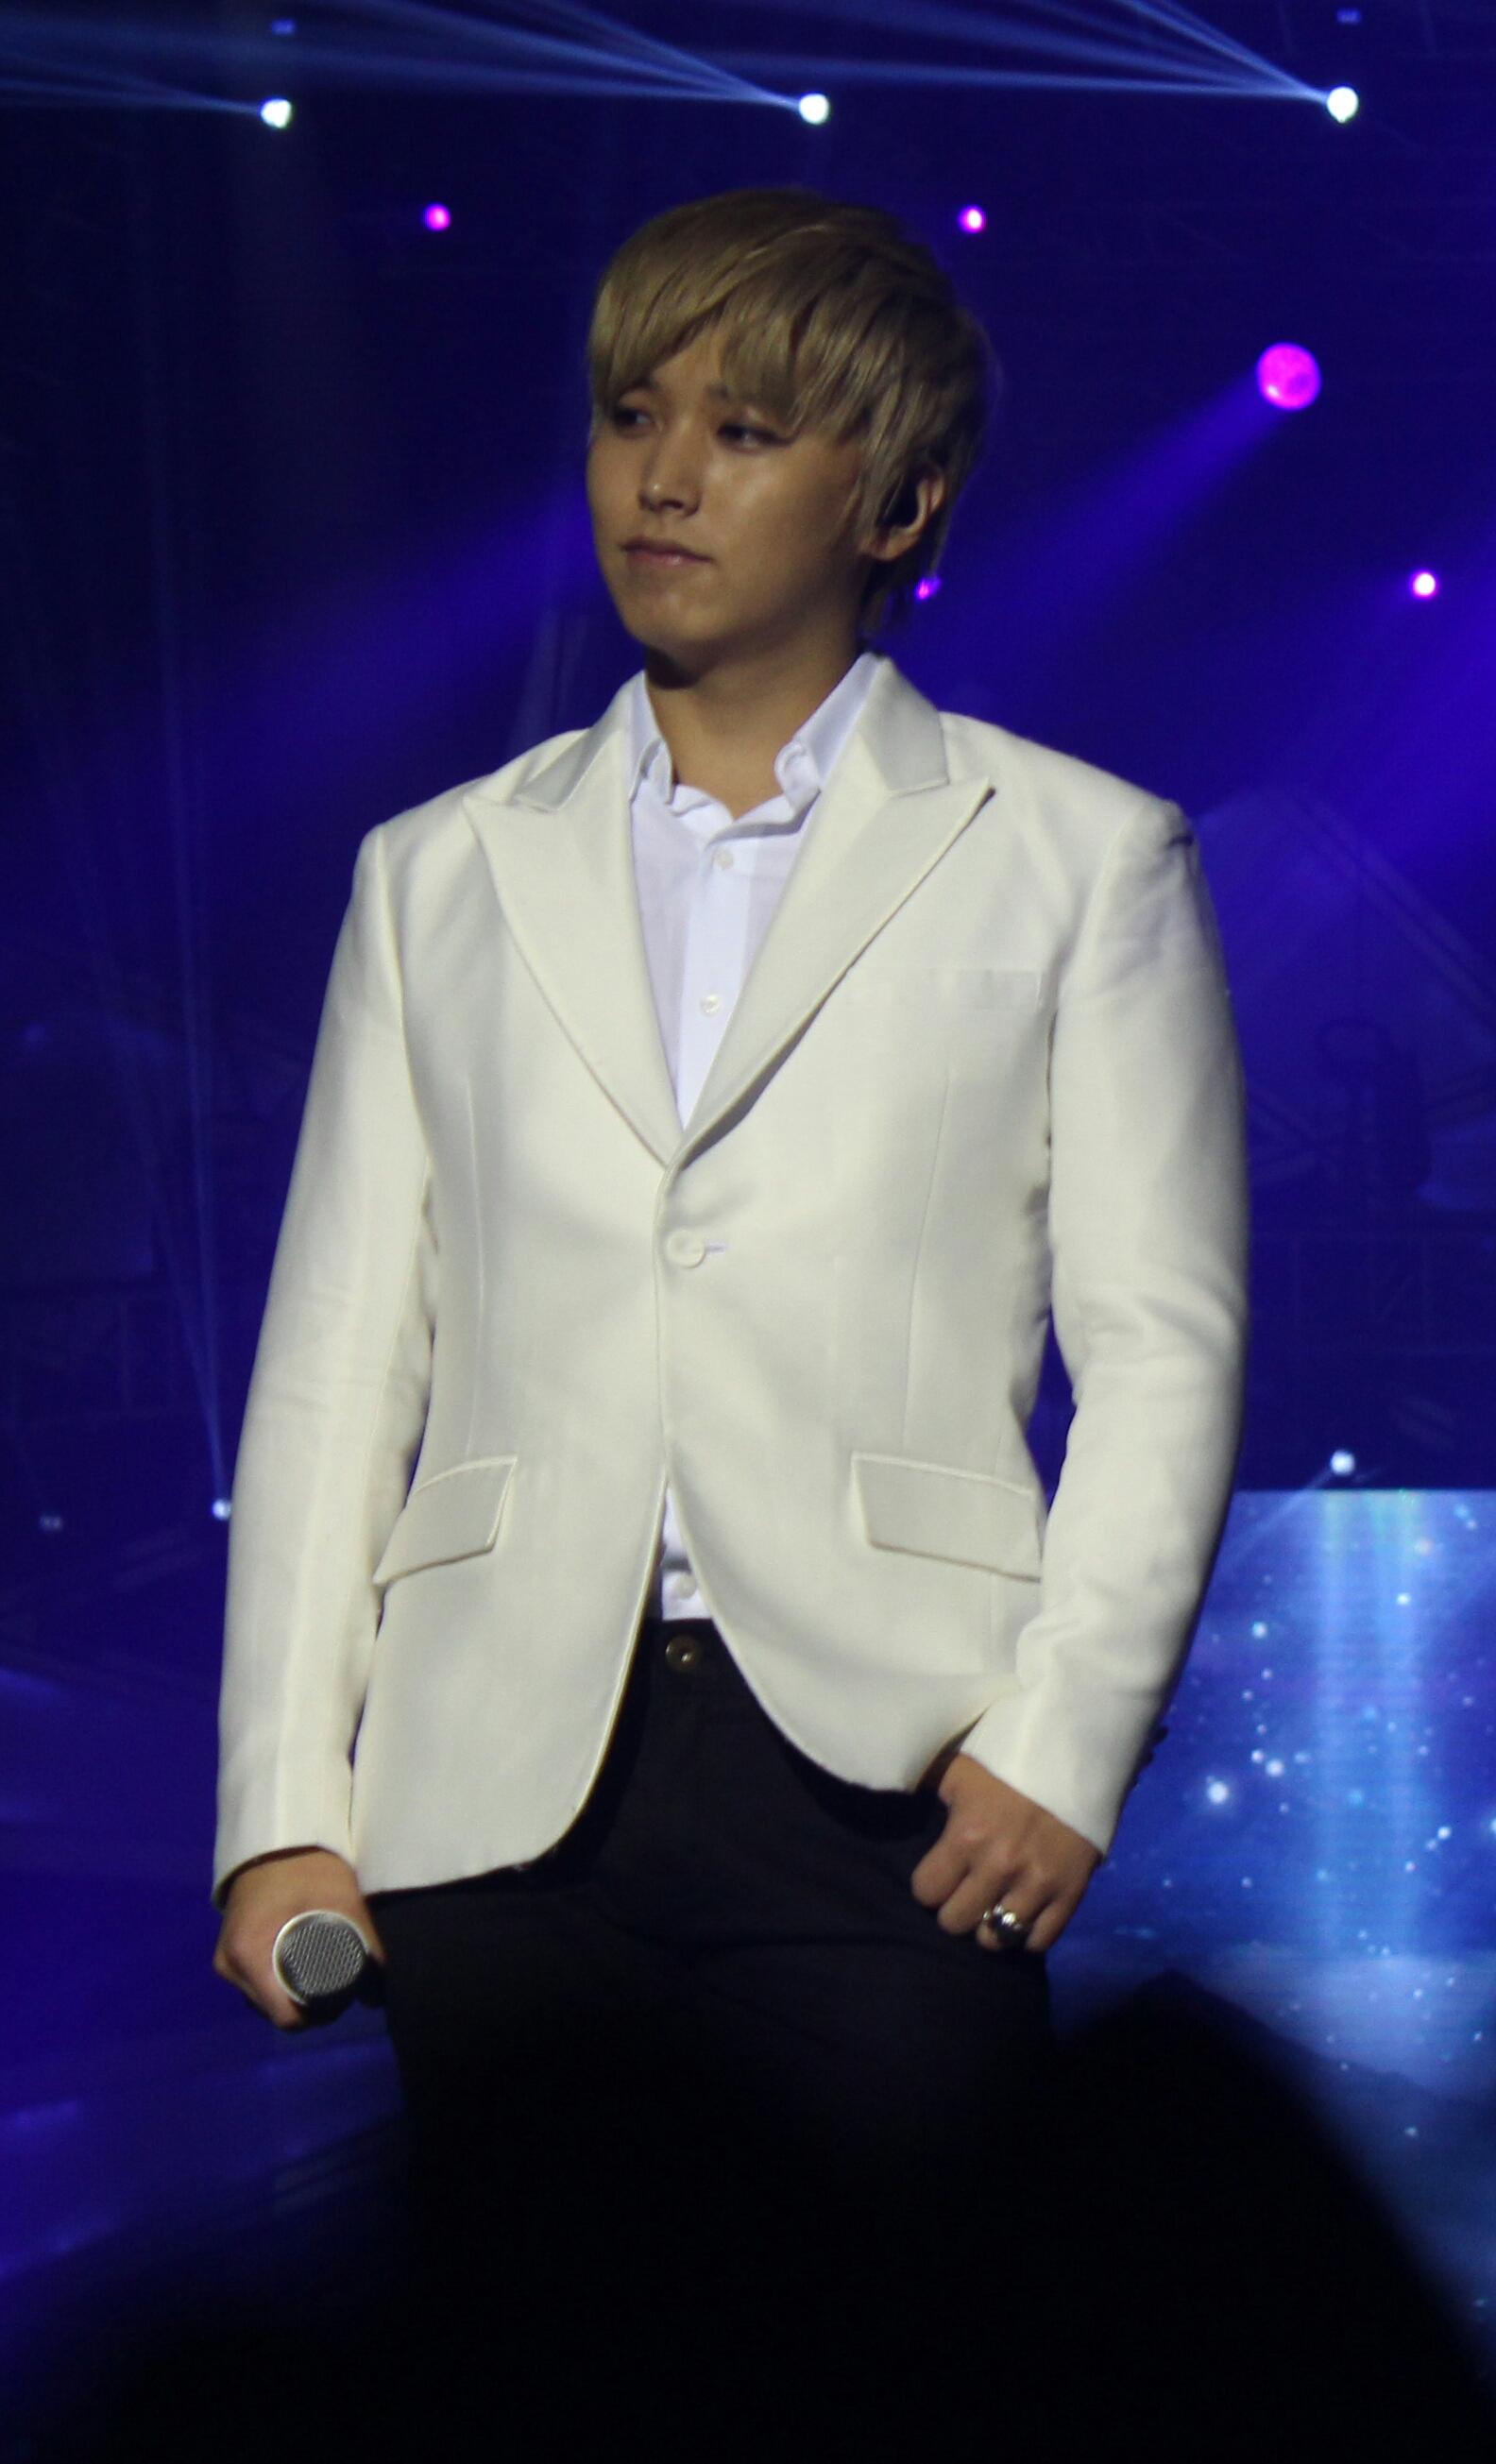 Super Junior sungmin dating Kim SA Eun